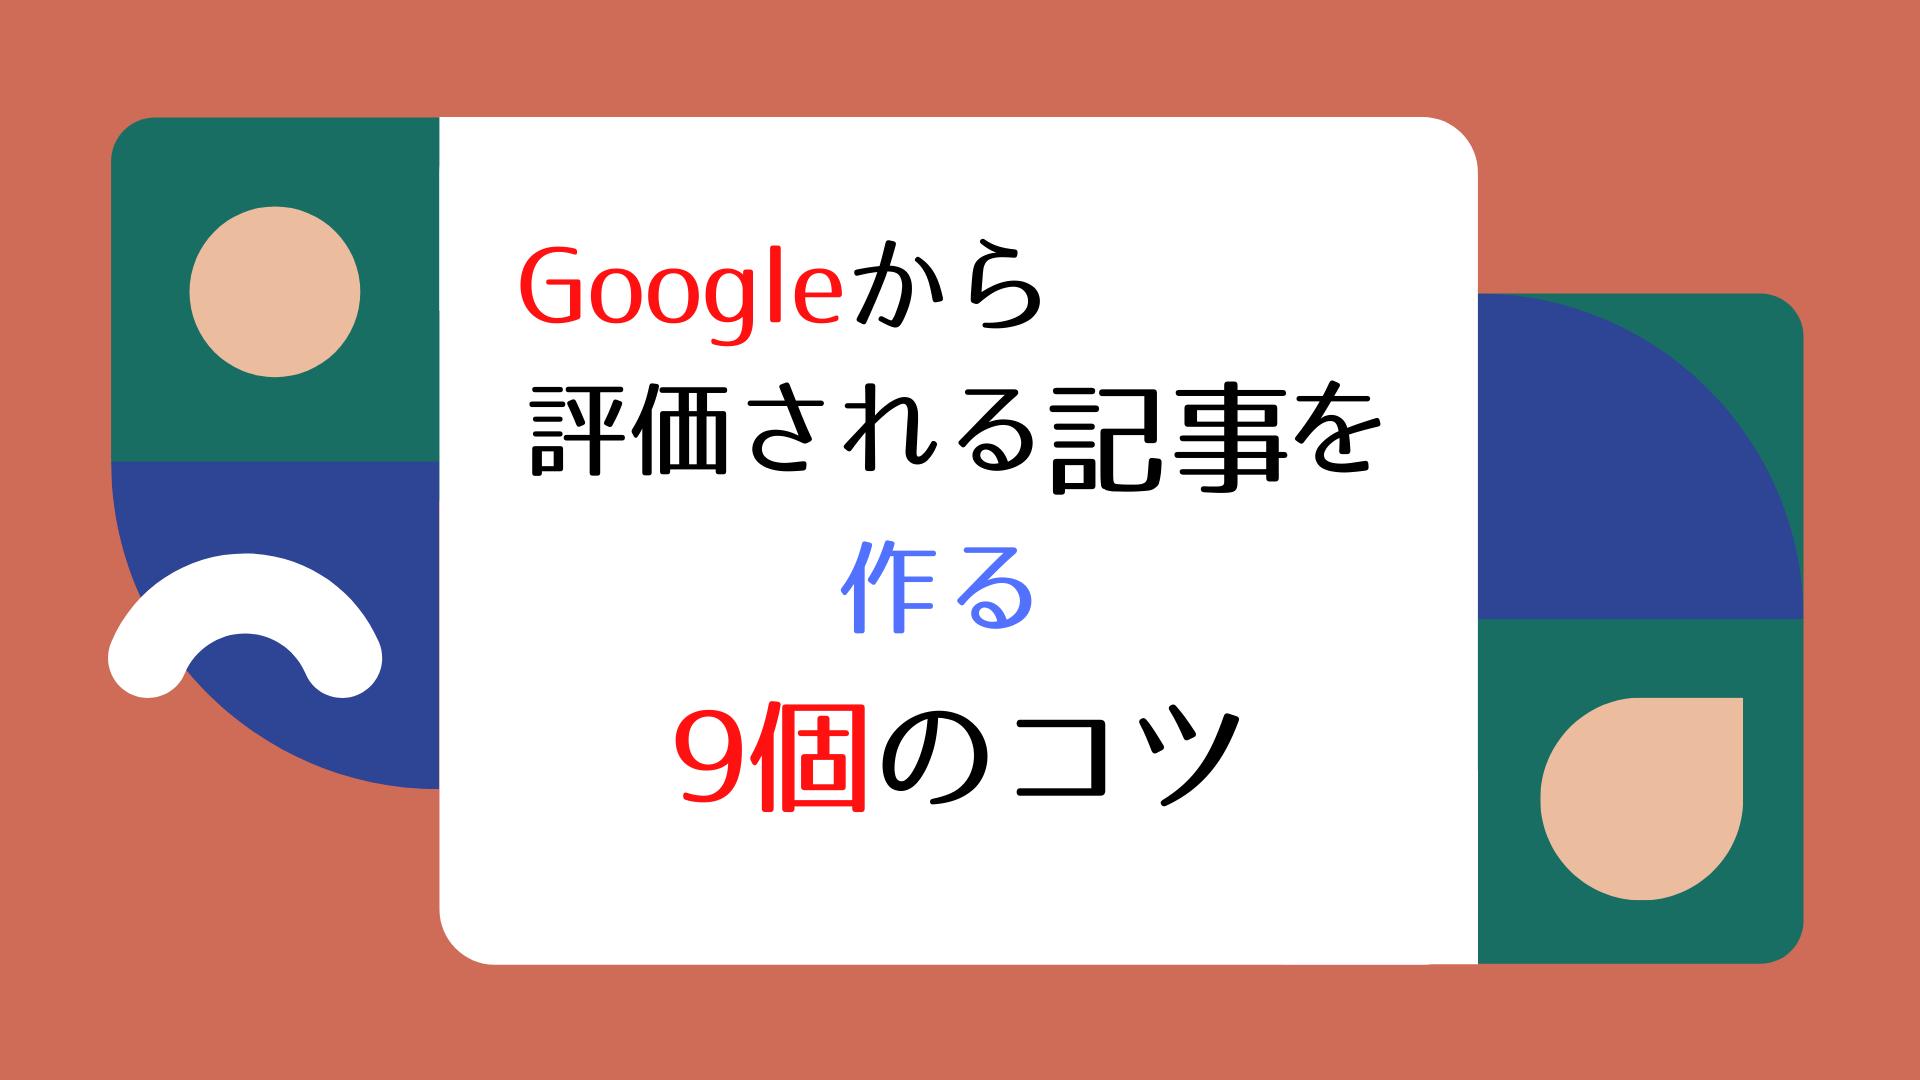 Googleが評価する記事を作るコツタイトル